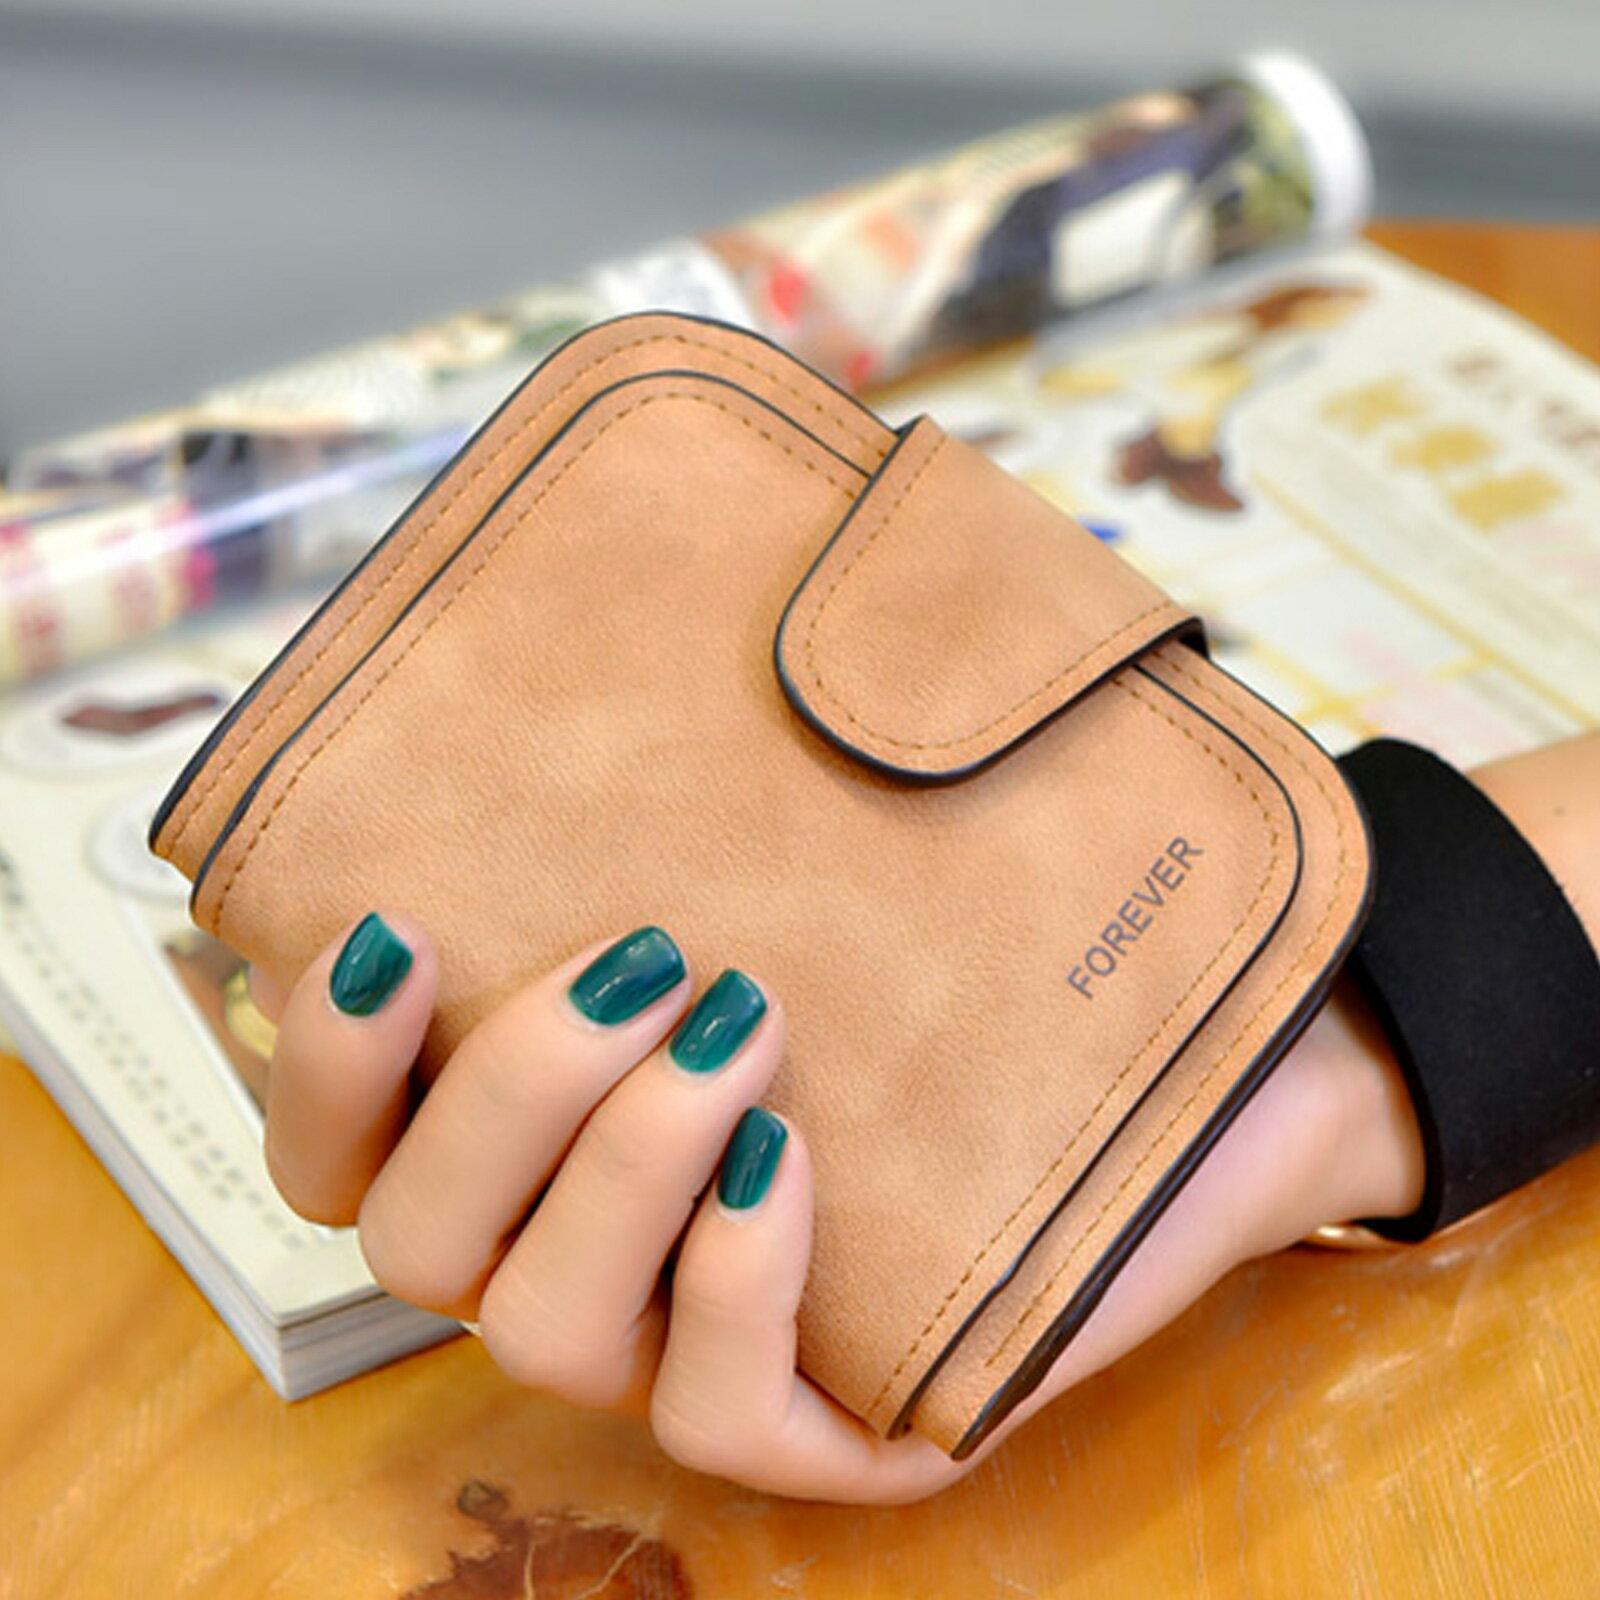 皮夾 錢包 拉鏈扣式磨砂多層短夾【O3215】☆雙兒網☆ 4